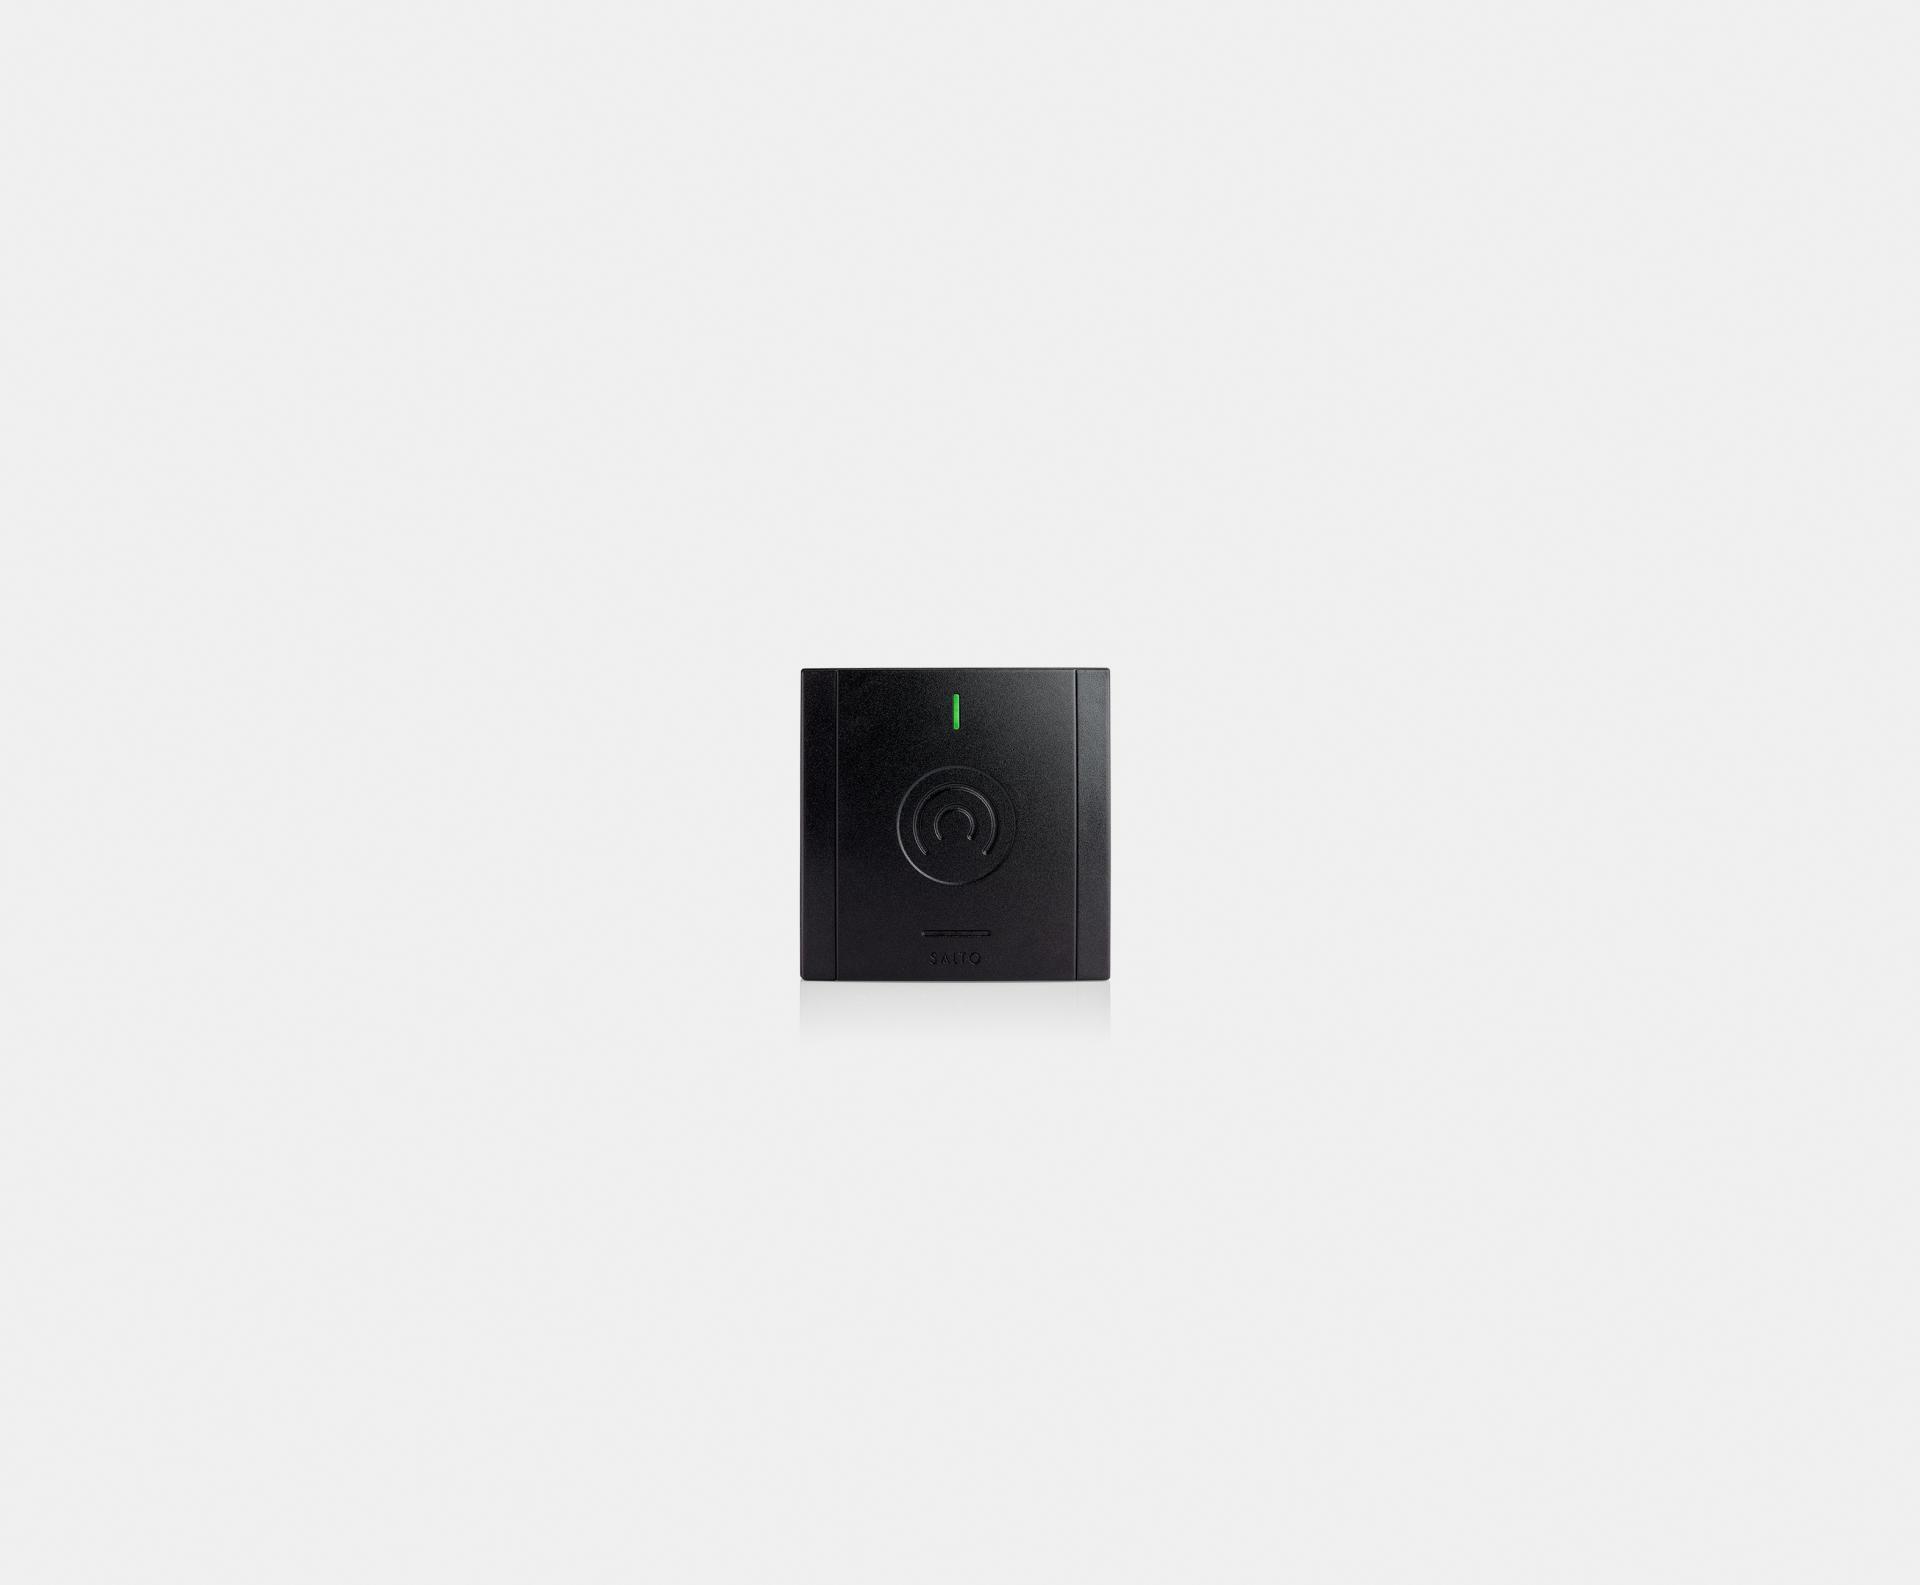 modular-xs-eu-blacklector